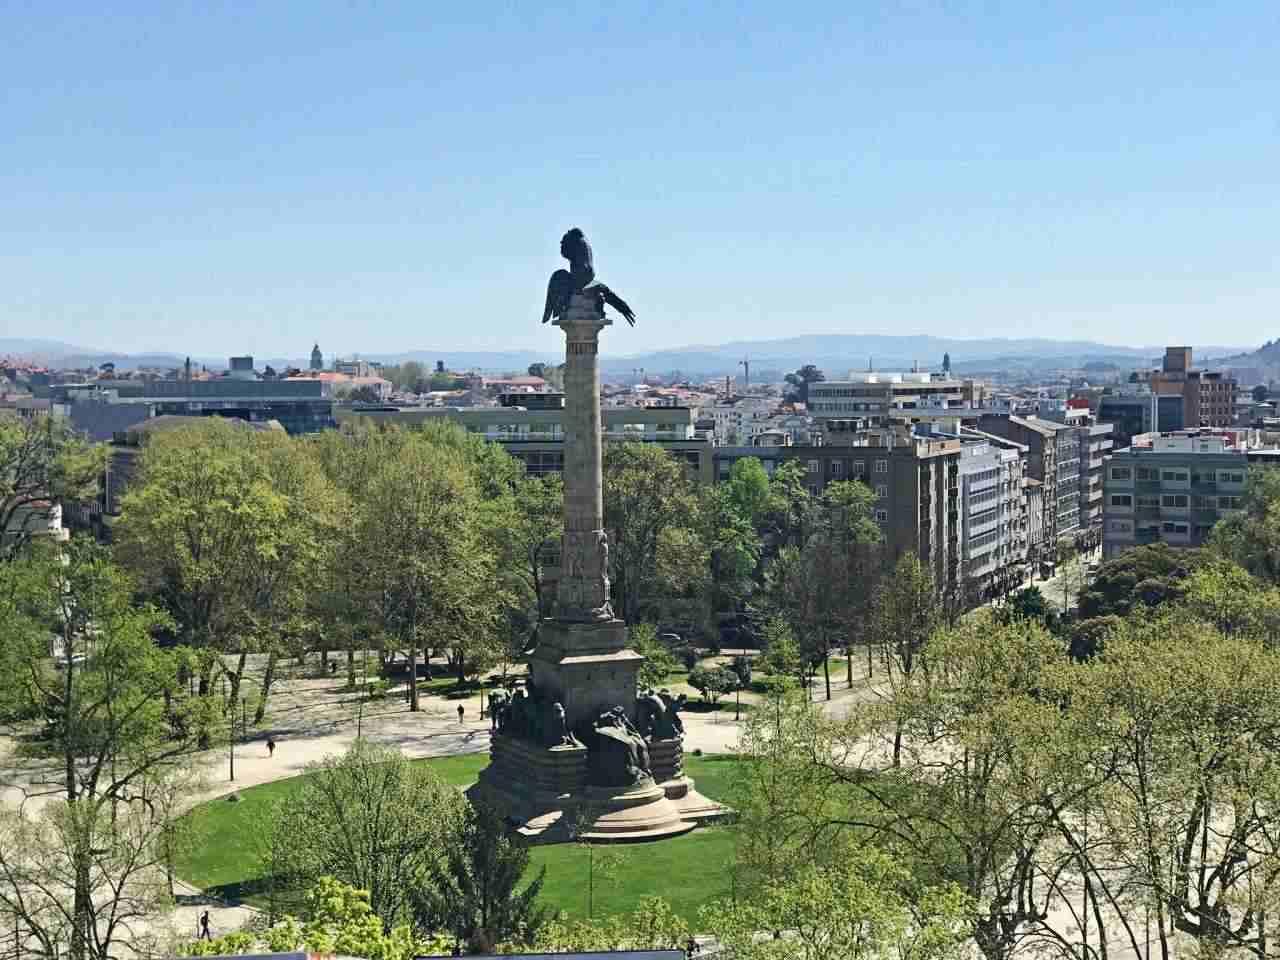 Jardins Boavista, frente da Casa da Música - O que fazer em Portugal